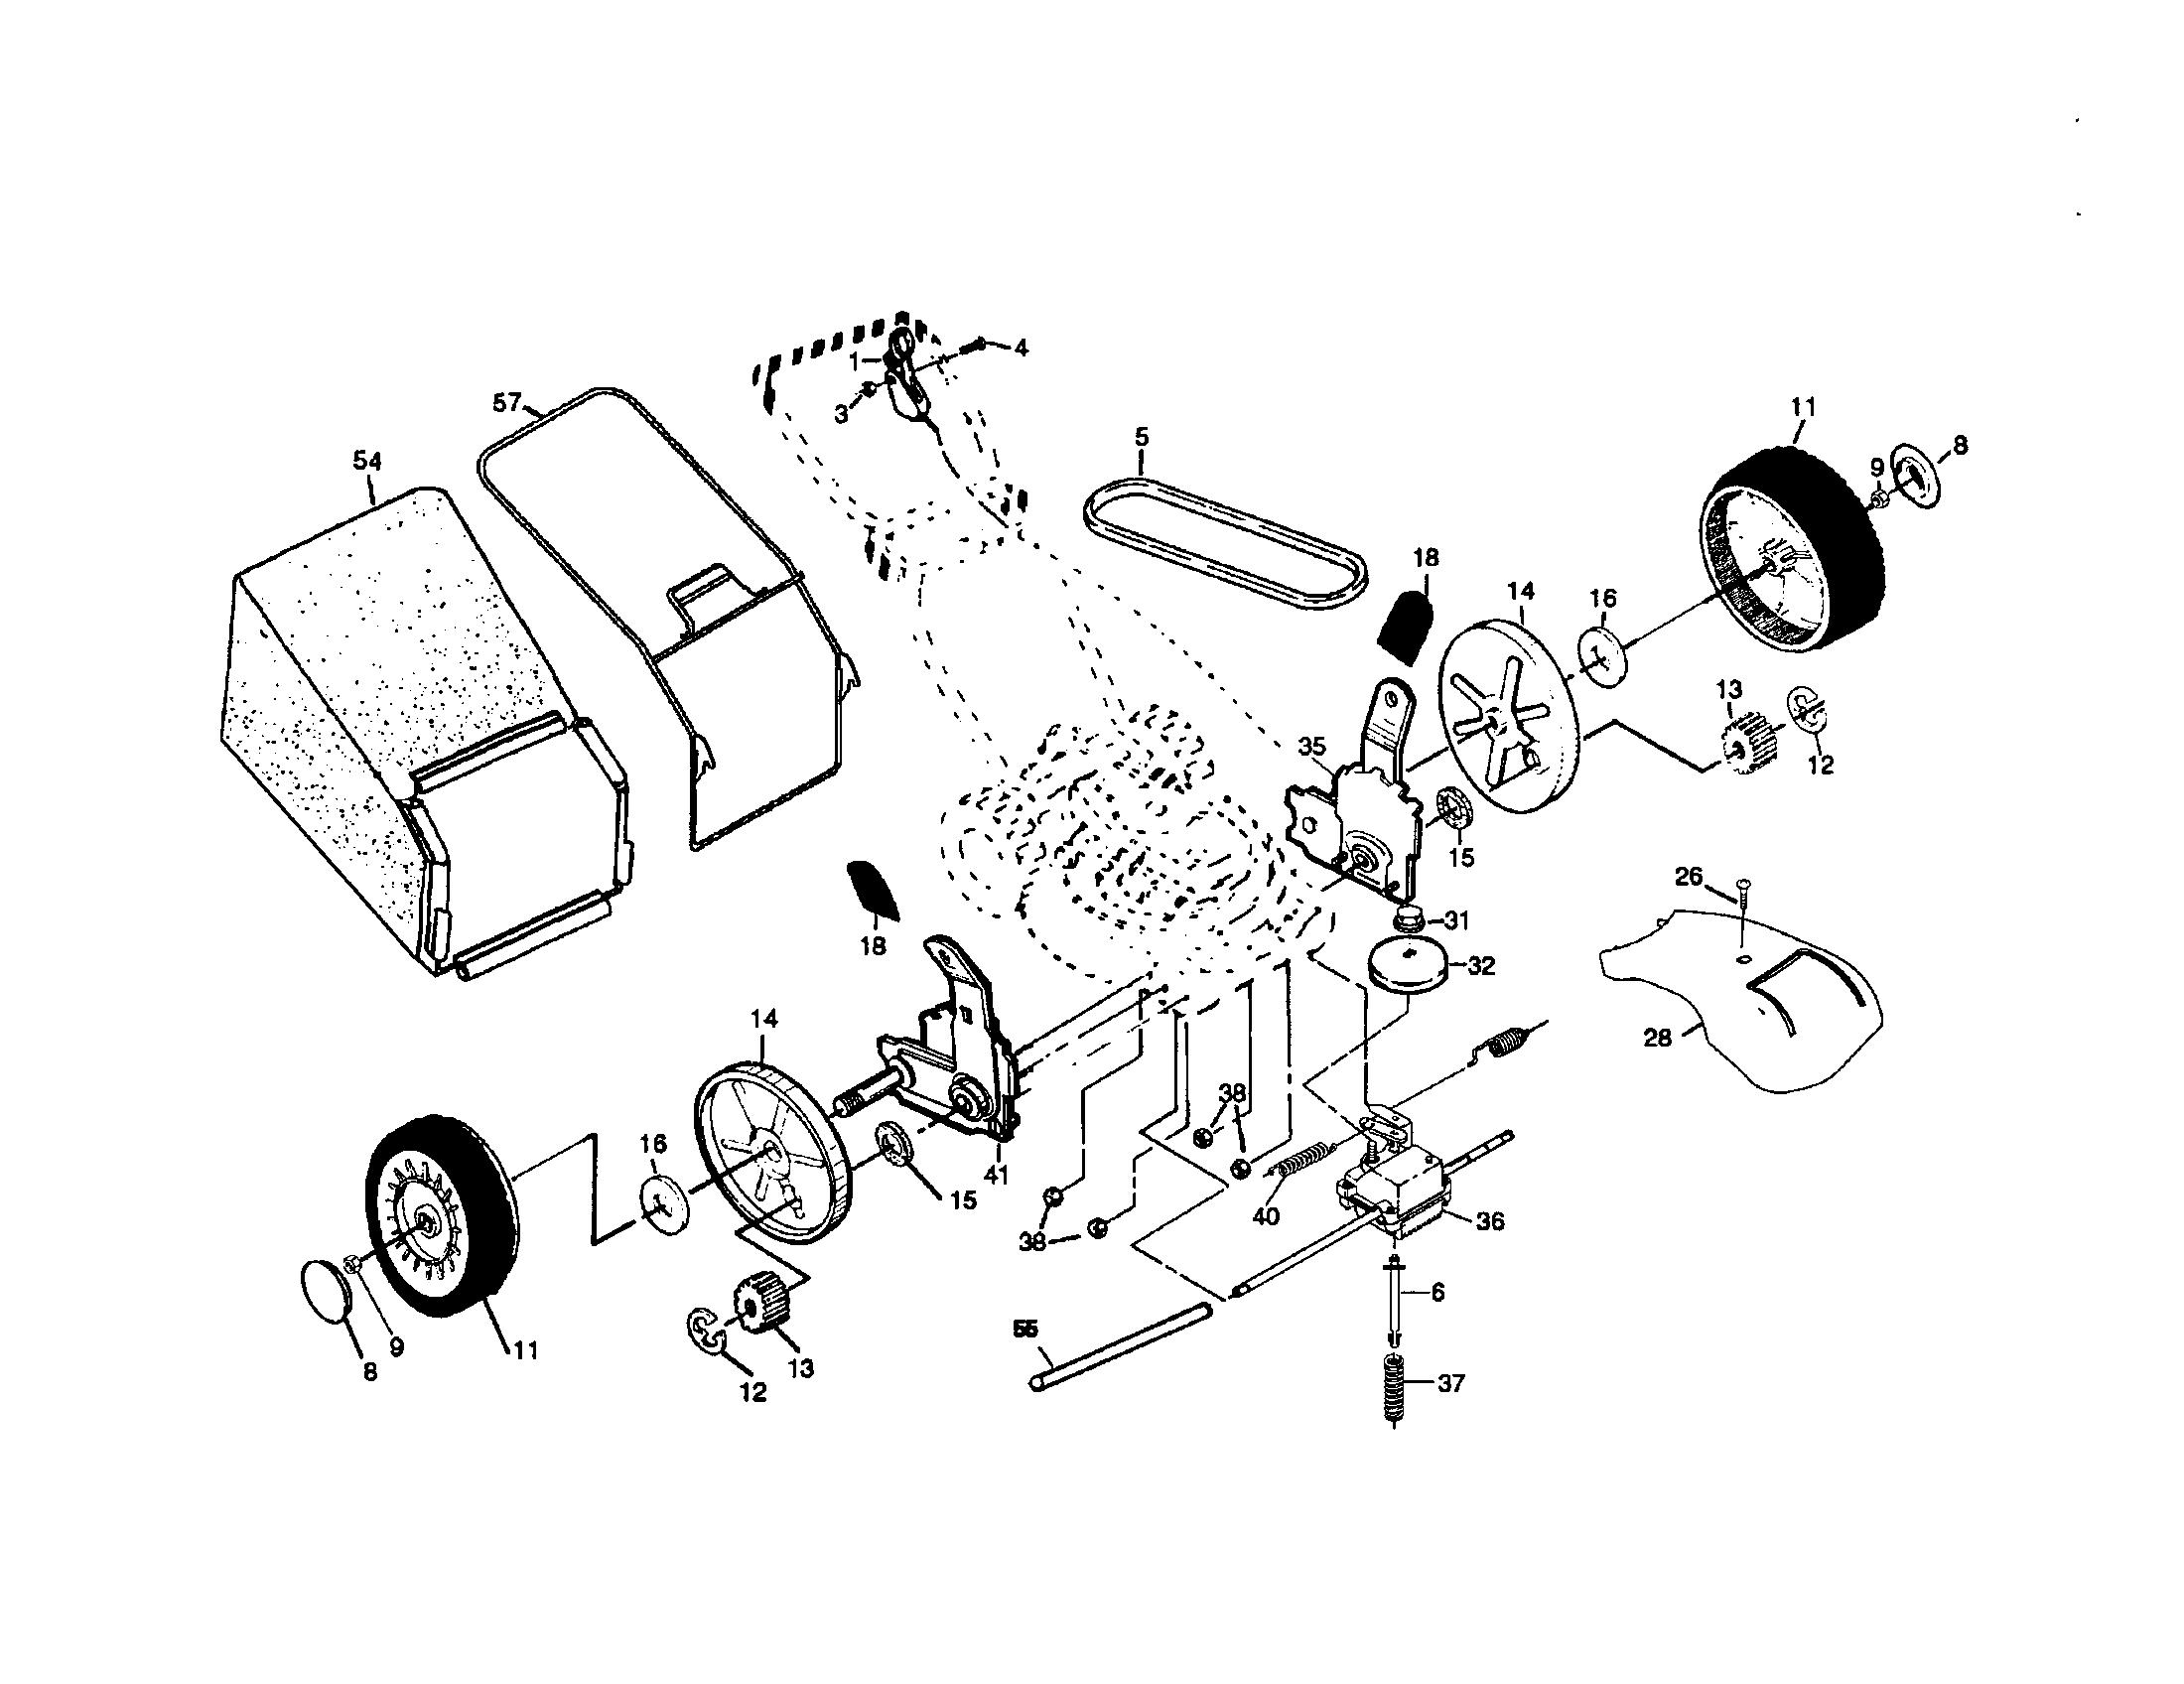 TRANSMISSION/WHEELS/BAGGER Diagram & Parts List for Model